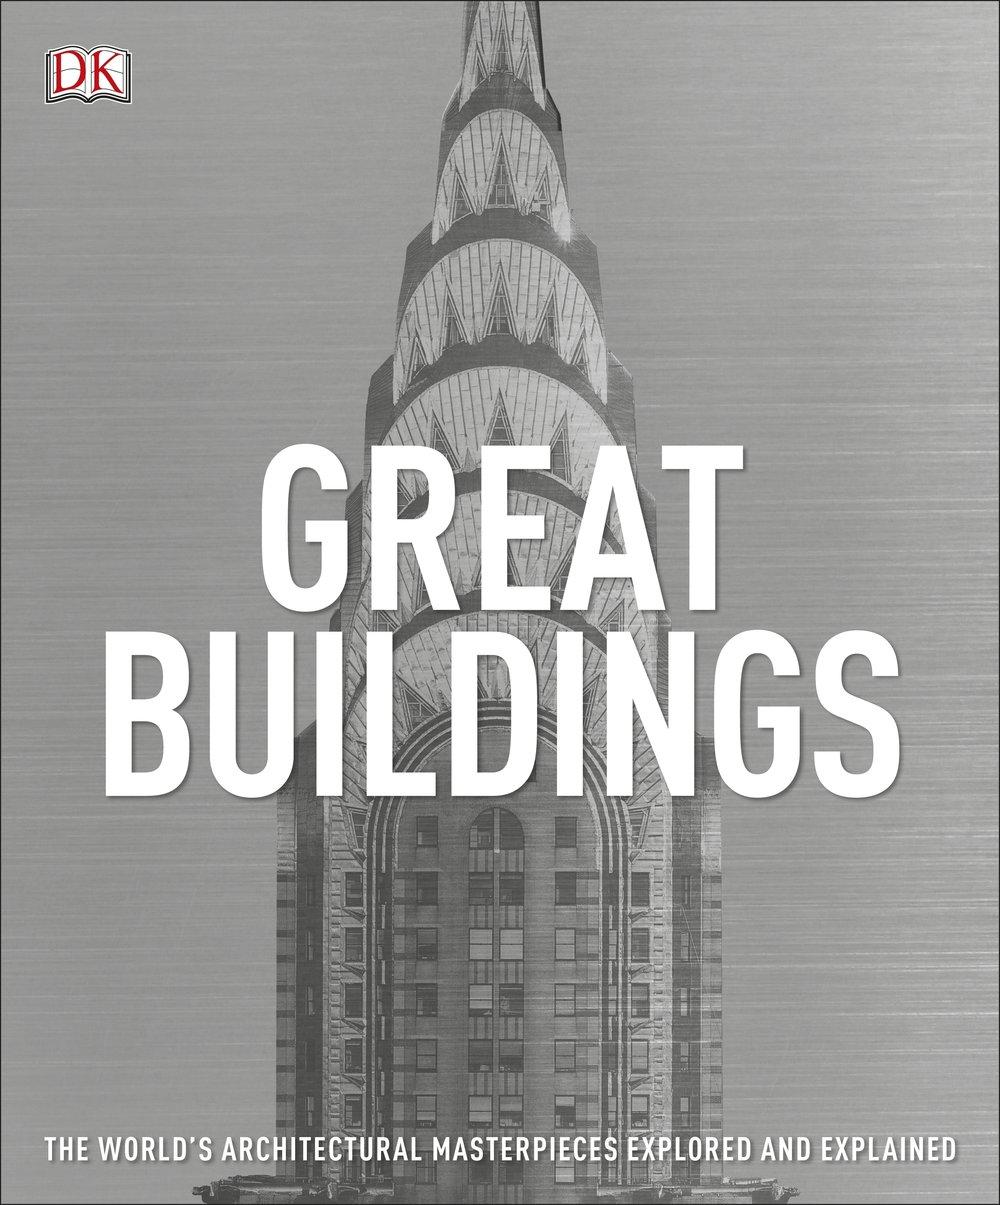 Books DK Eyewitness Cities Great Buildings.jpg